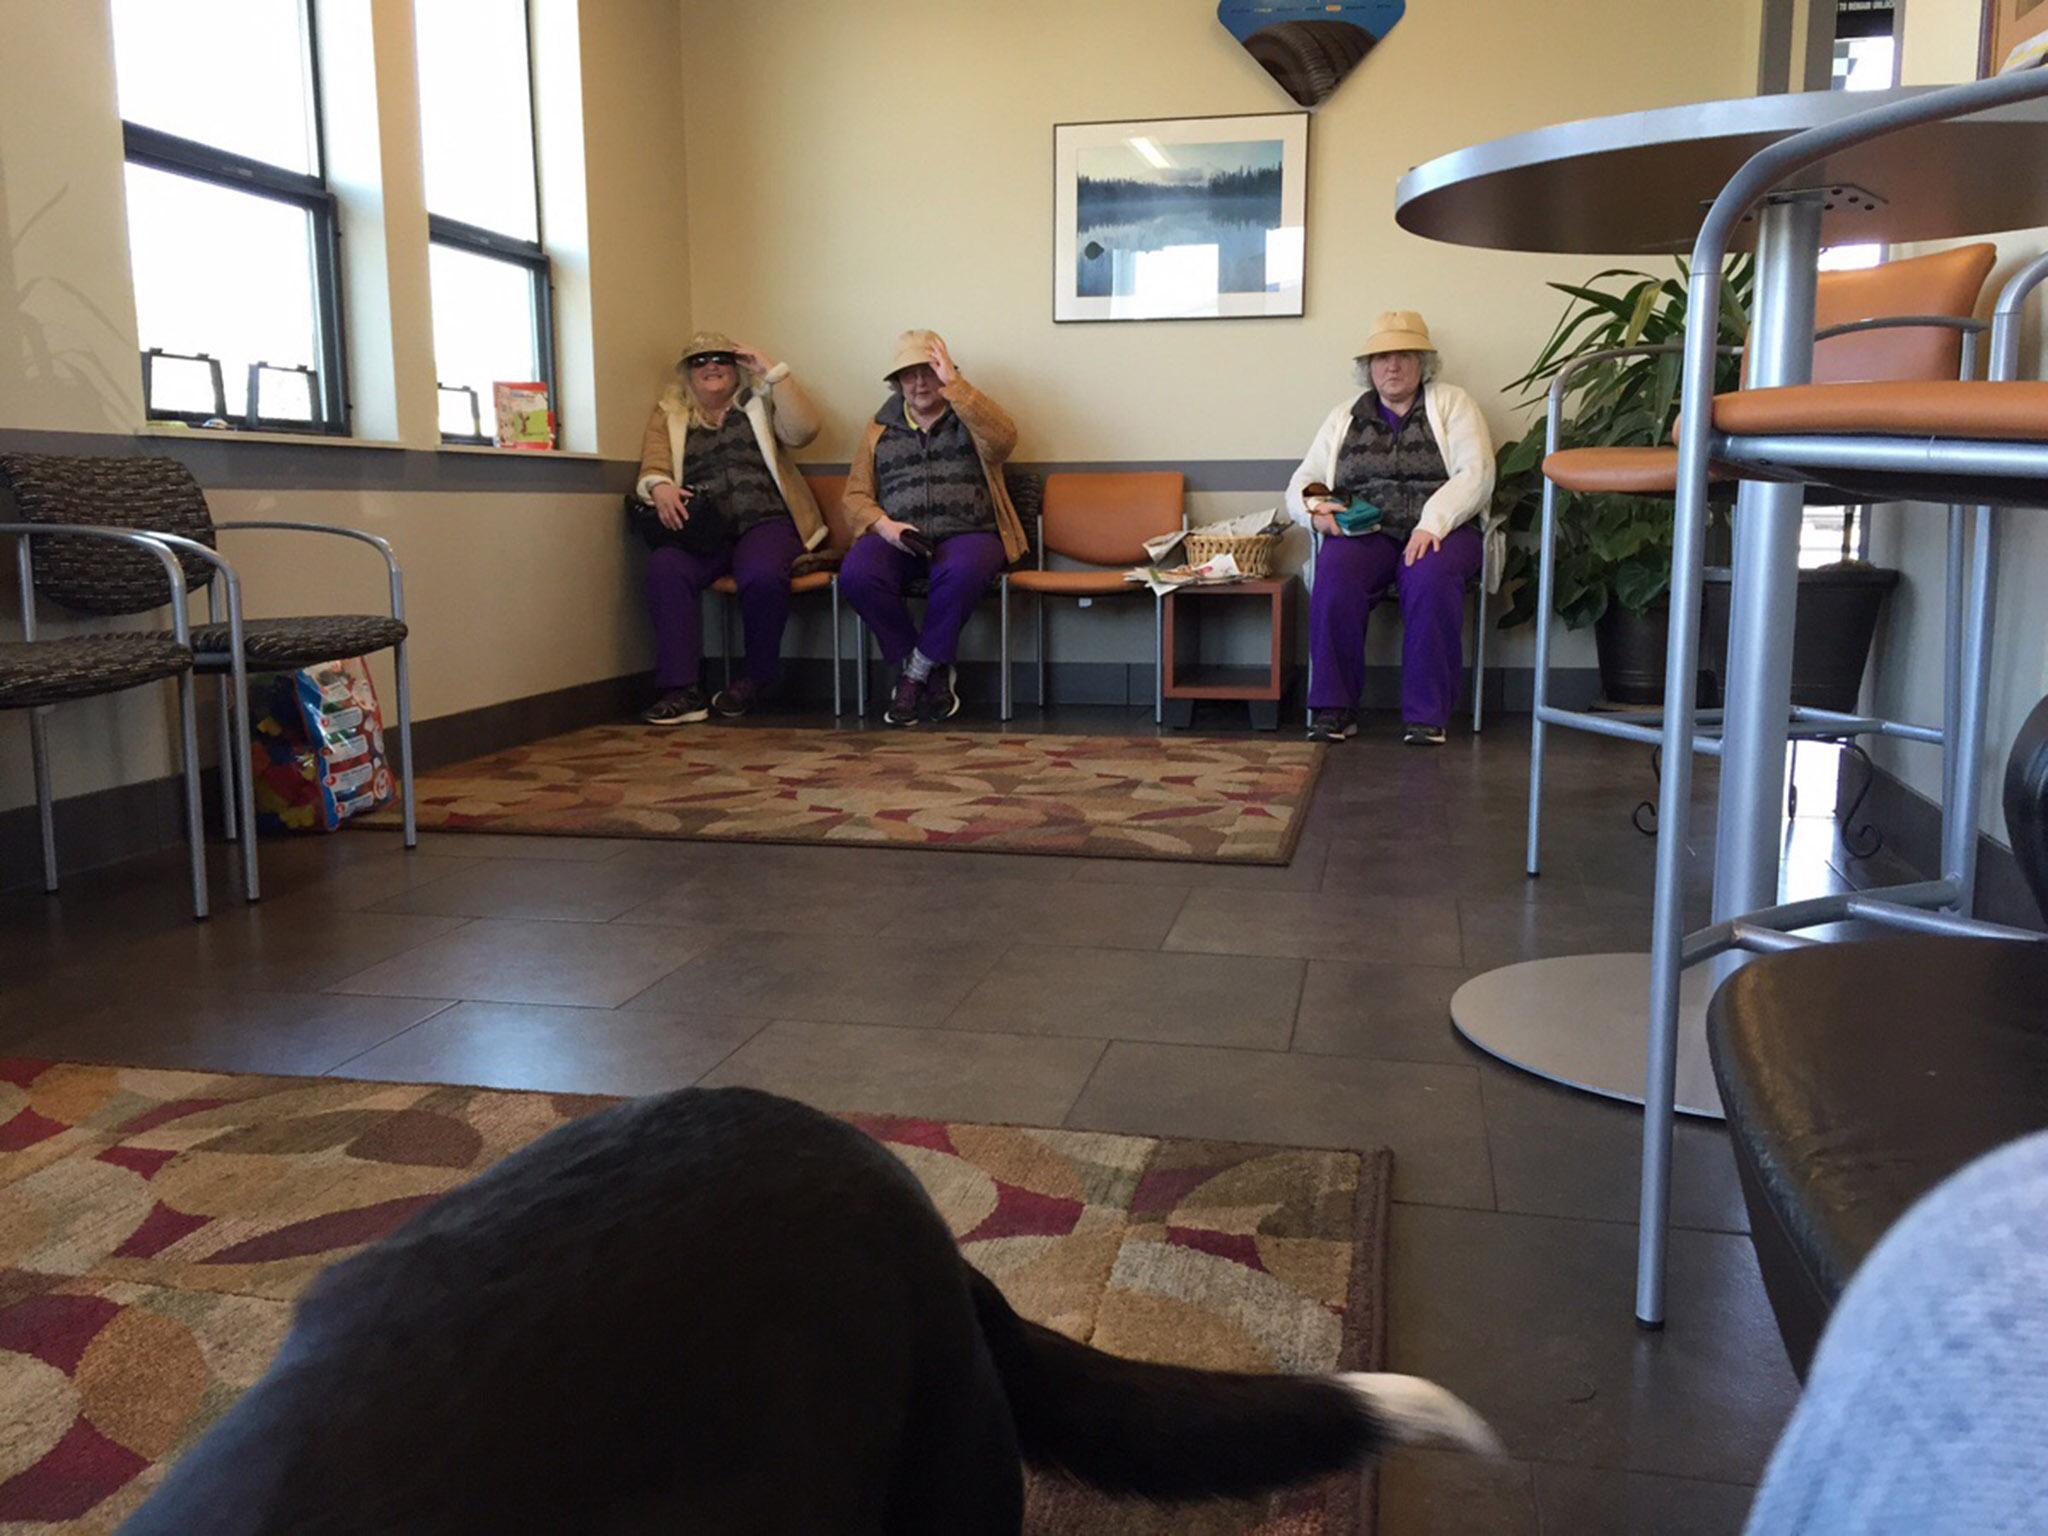 3 mujeres mayores vestidas exactamente igual